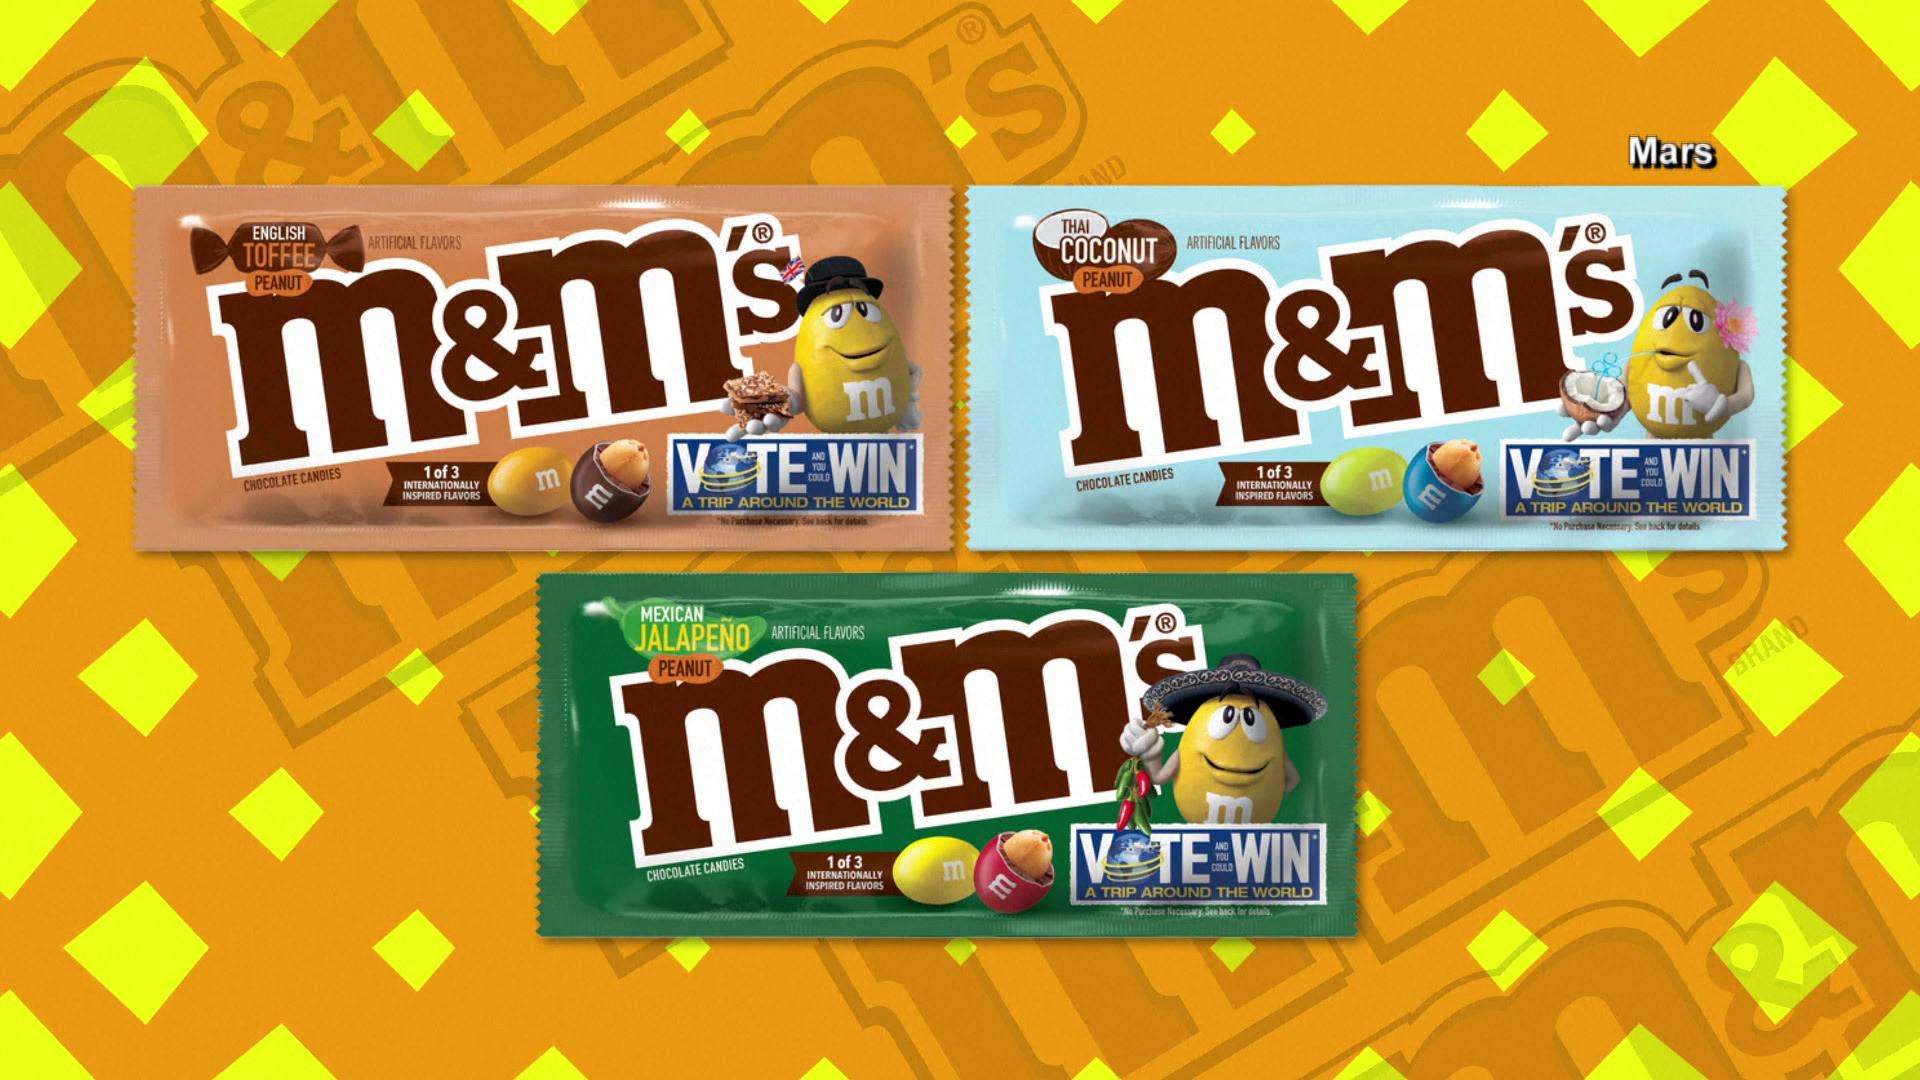 New M M Flavors Debuting This Week